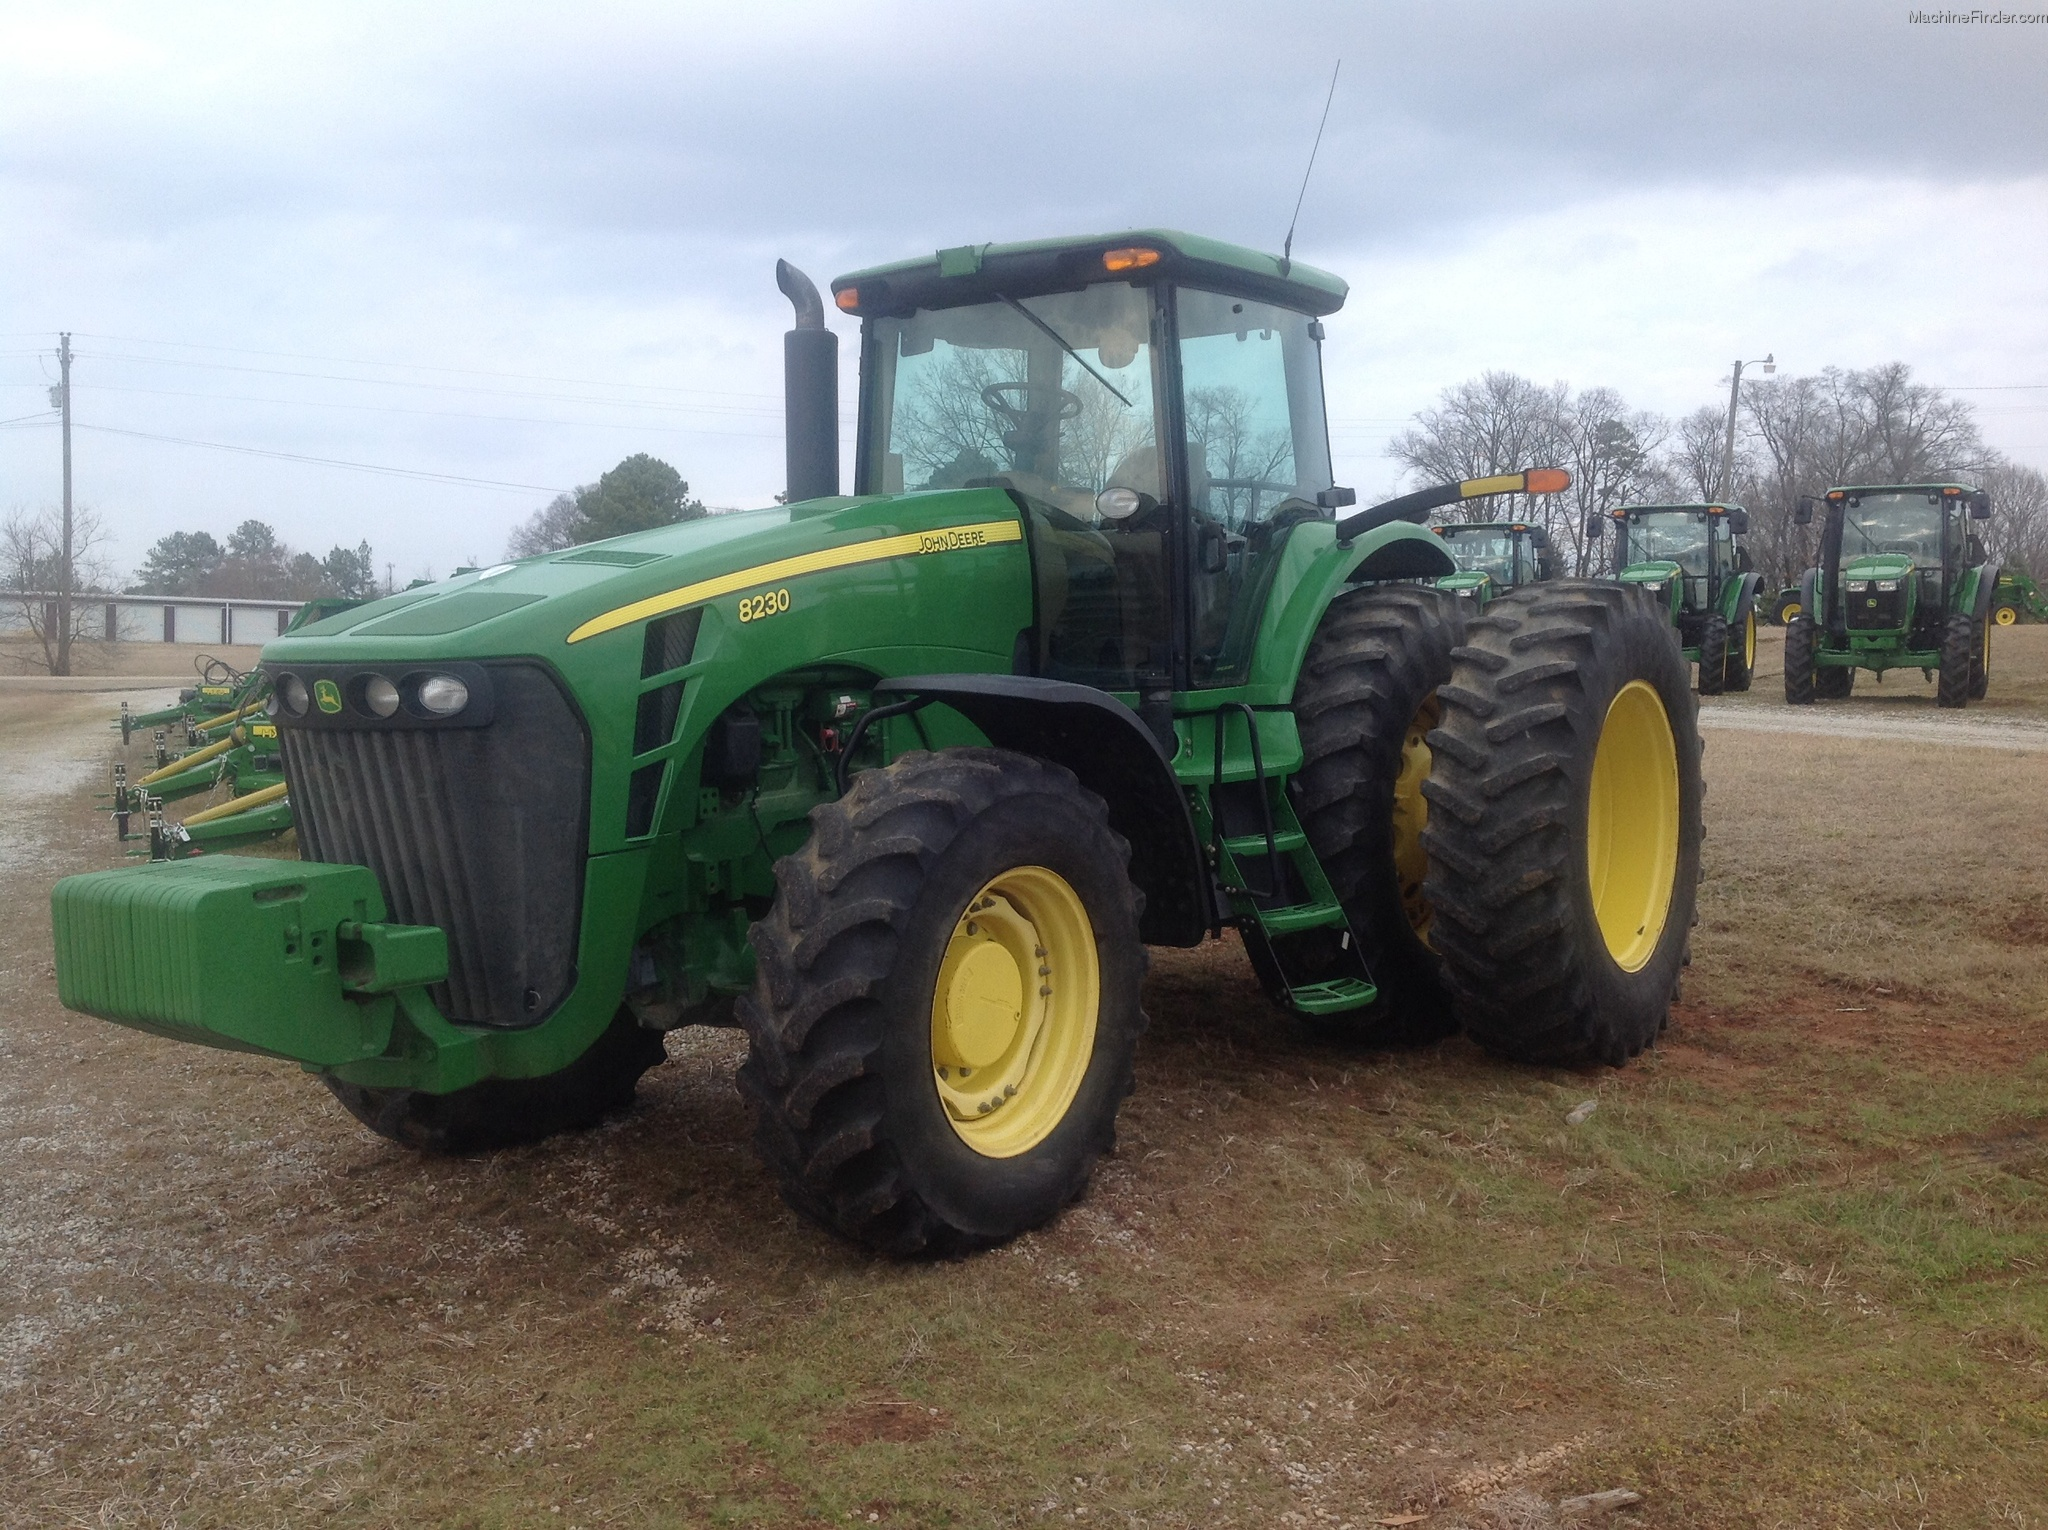 2008 John Deere 8230 Tractors - Row Crop (+100hp) - John ...